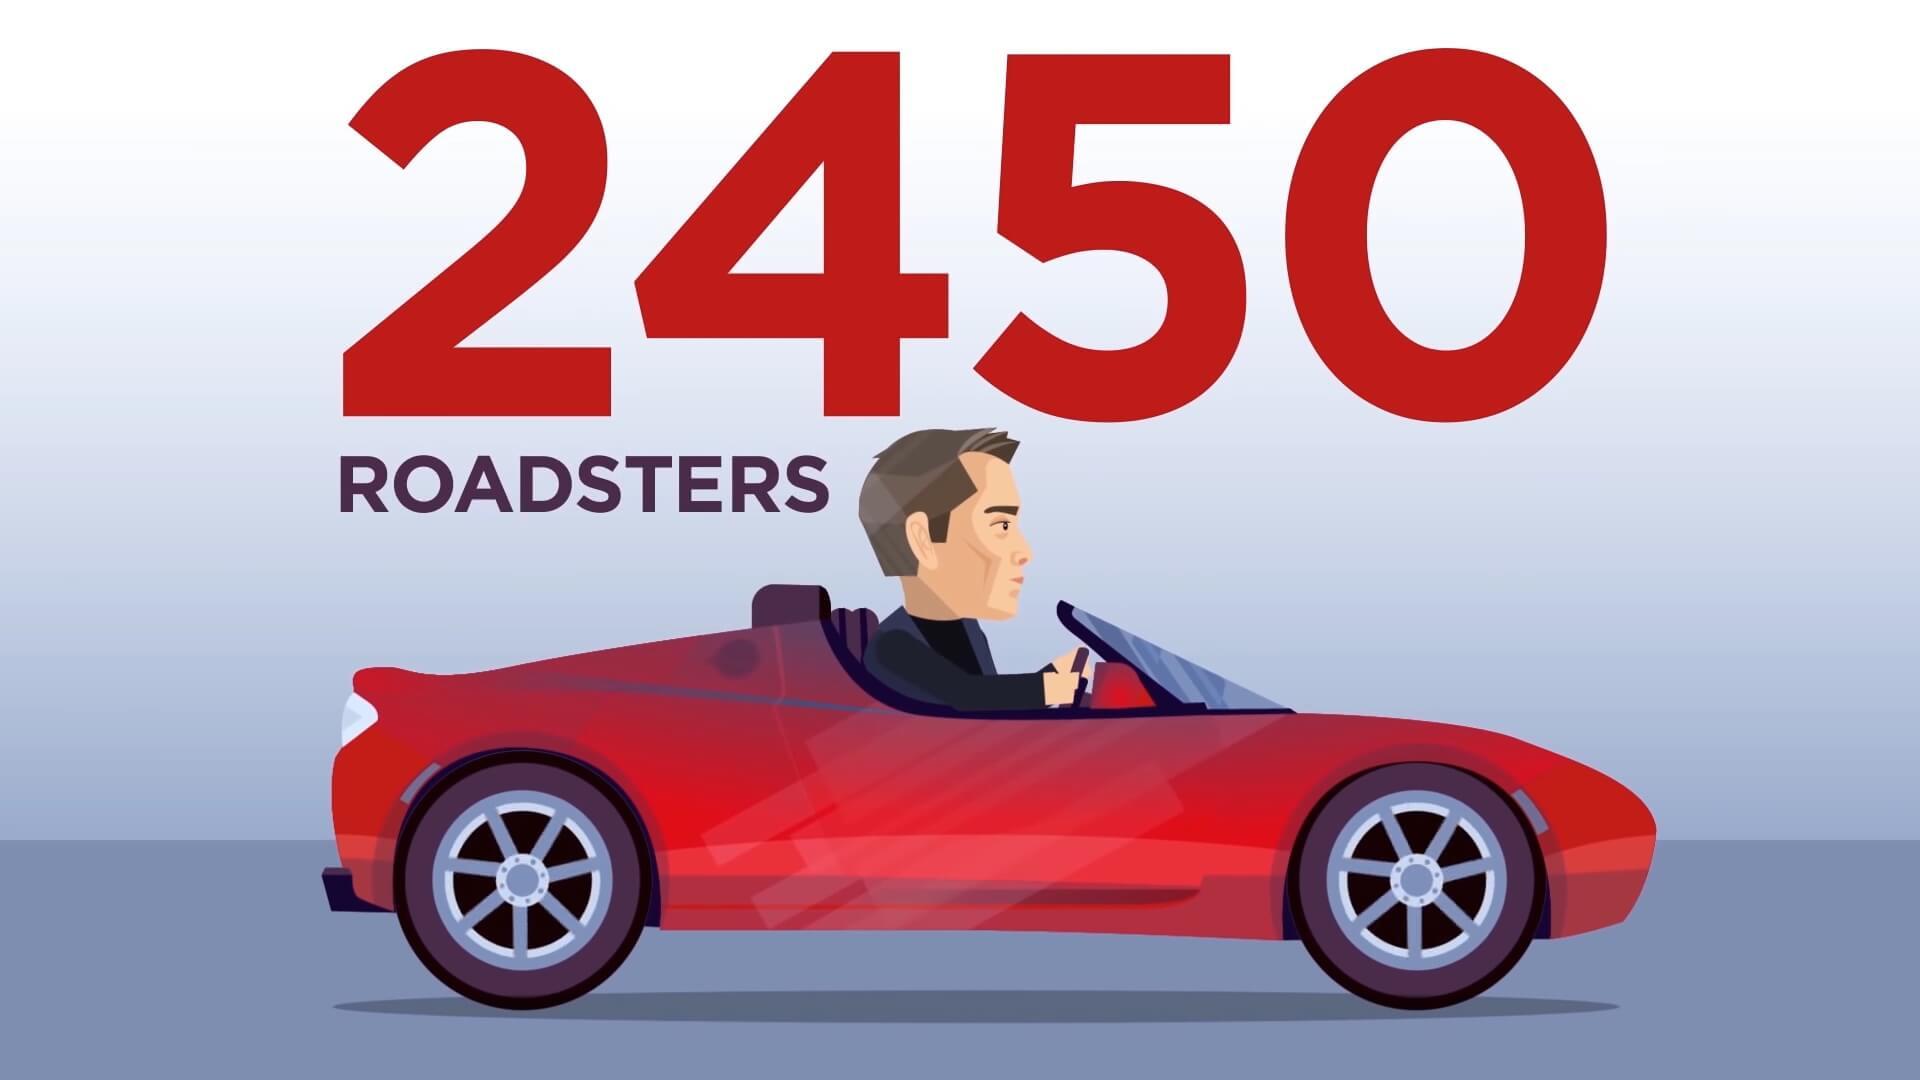 Было выпущено 2450 электрических суперкаров Tesla Roadster